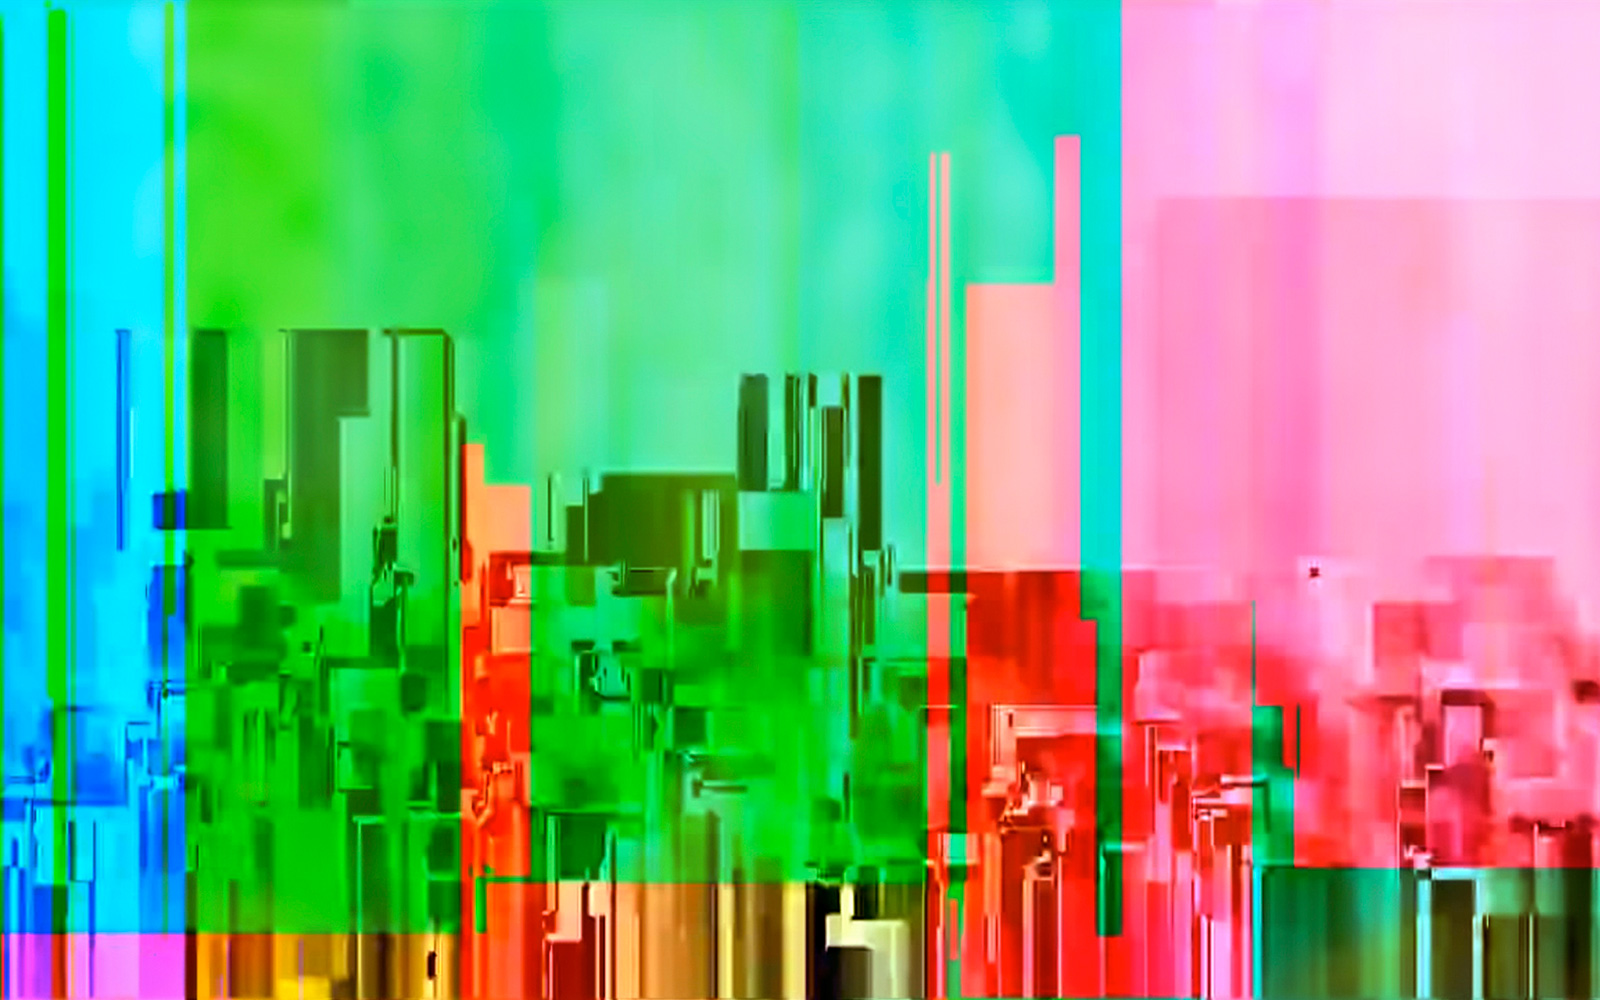 Elias Wessel   Cityscapes #3 , 2014-15  Color Photograph  152,4 x 243,8 cm